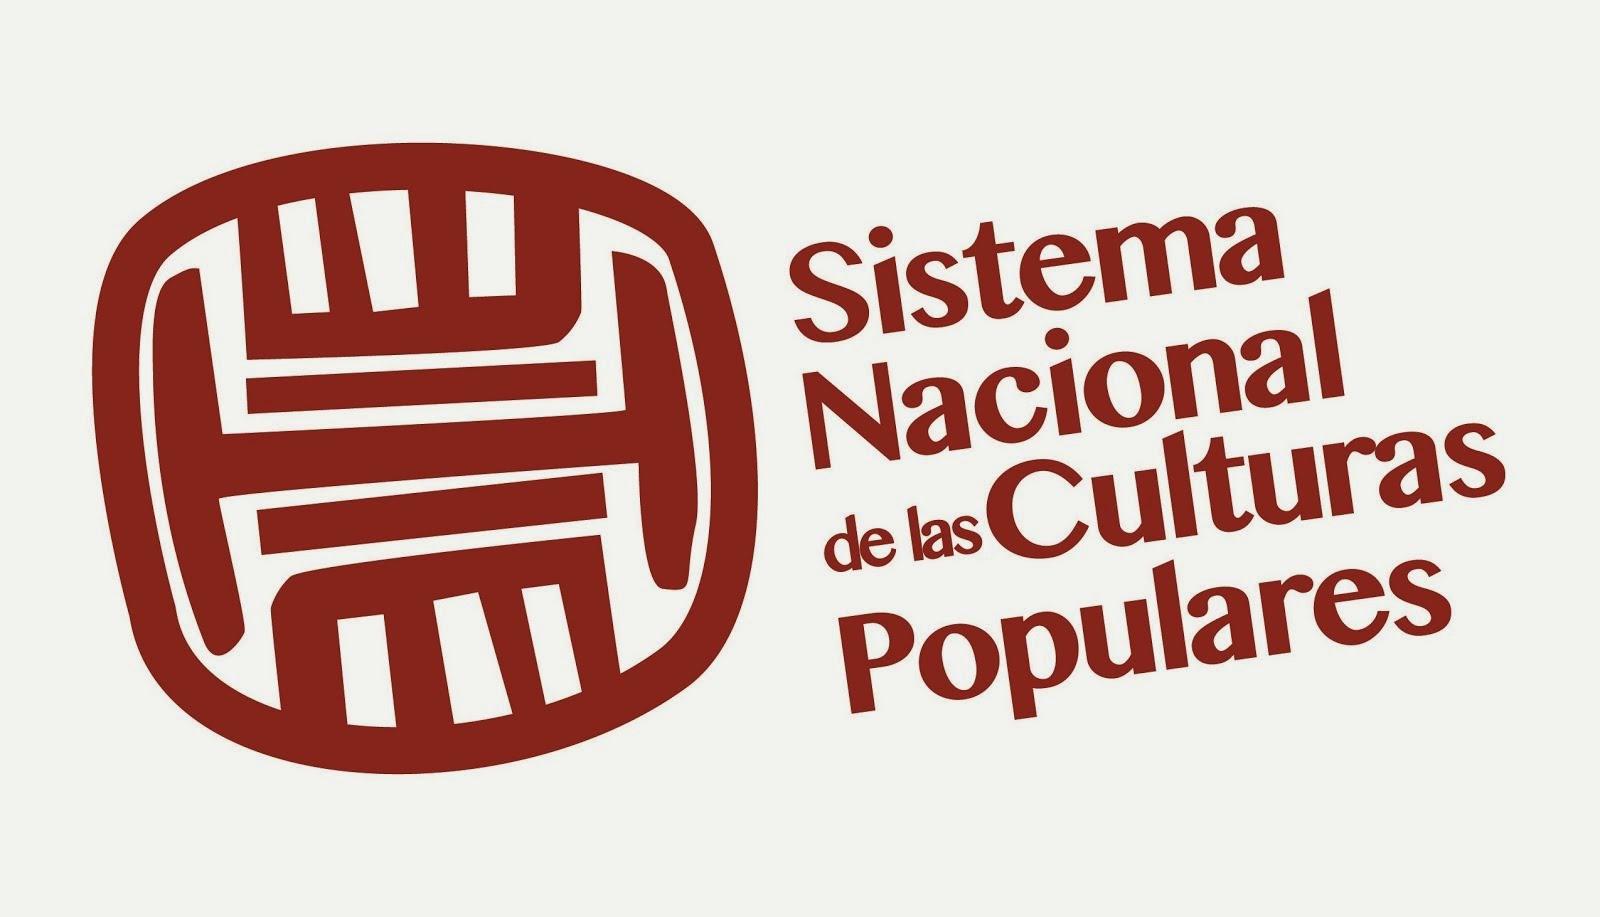 POLÍTICA CULTURAL EFICIENTE: Nace el Sistema Nacional de Culturas Populares